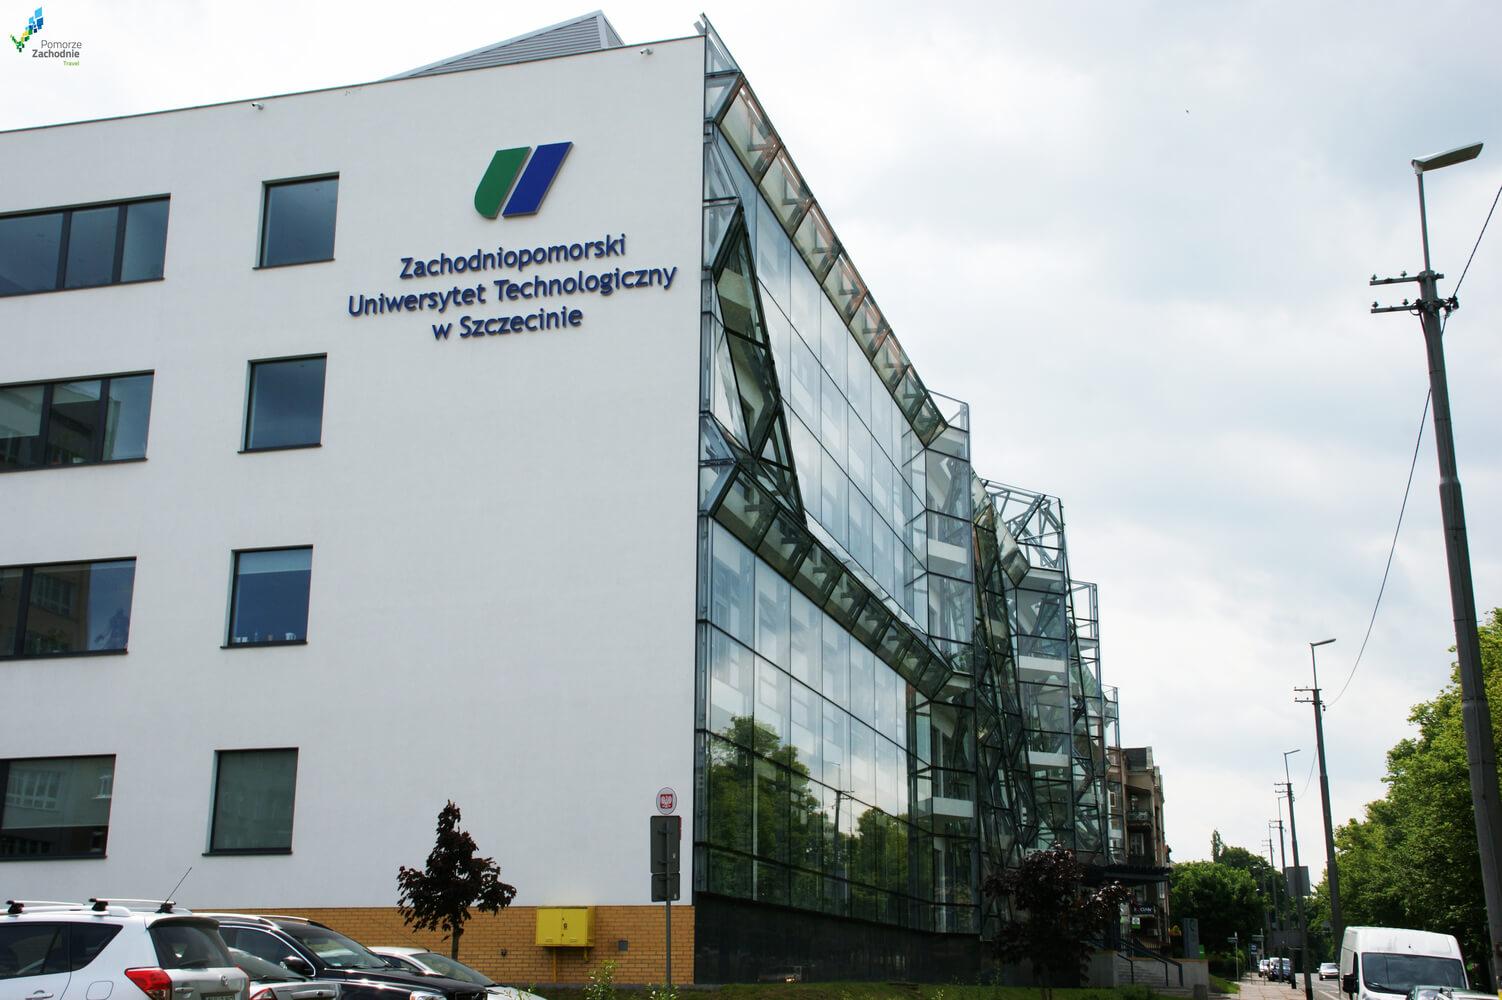 """Ranking """"Perspektyw"""": Zachodniopomorski Uniwersytet Technologiczny w Szczecinie pierwszy za innowacyjność"""